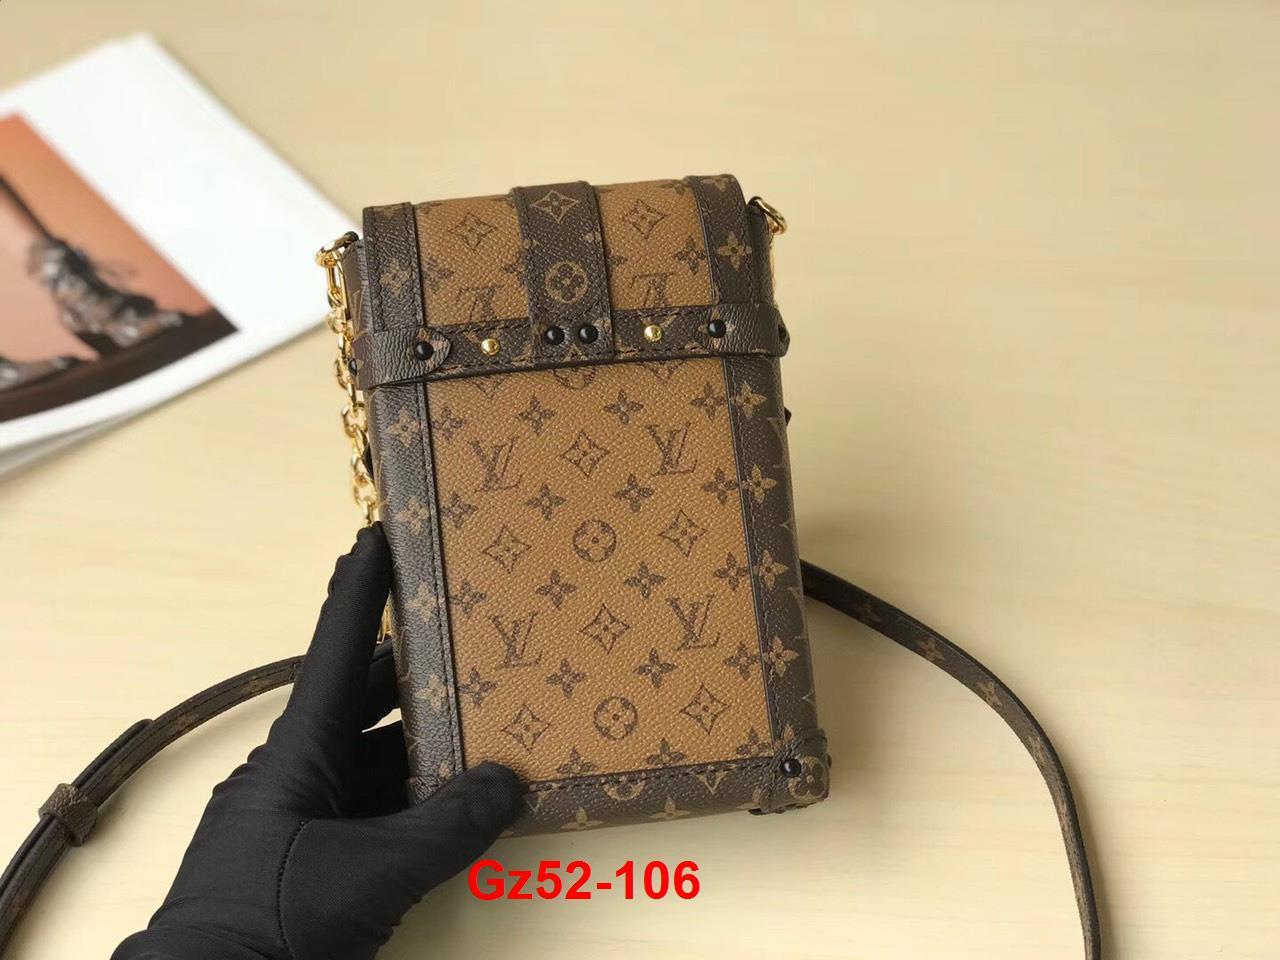 Gz52-106 Louis Vuitton túi size 20cm siêu cấp